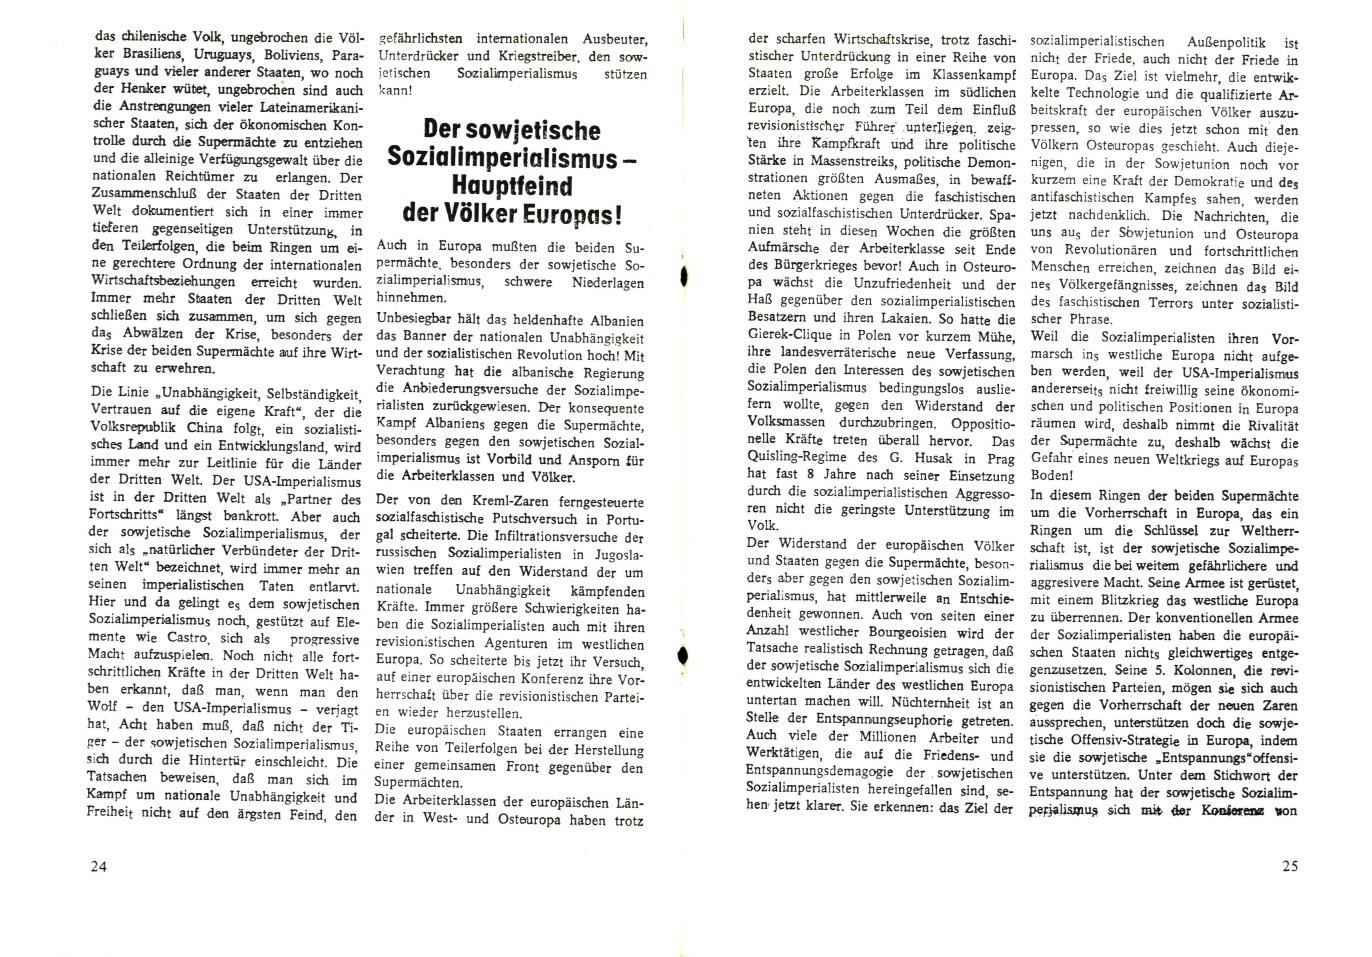 KPDAO_1976_Artikel_DKP_Breschnew_14